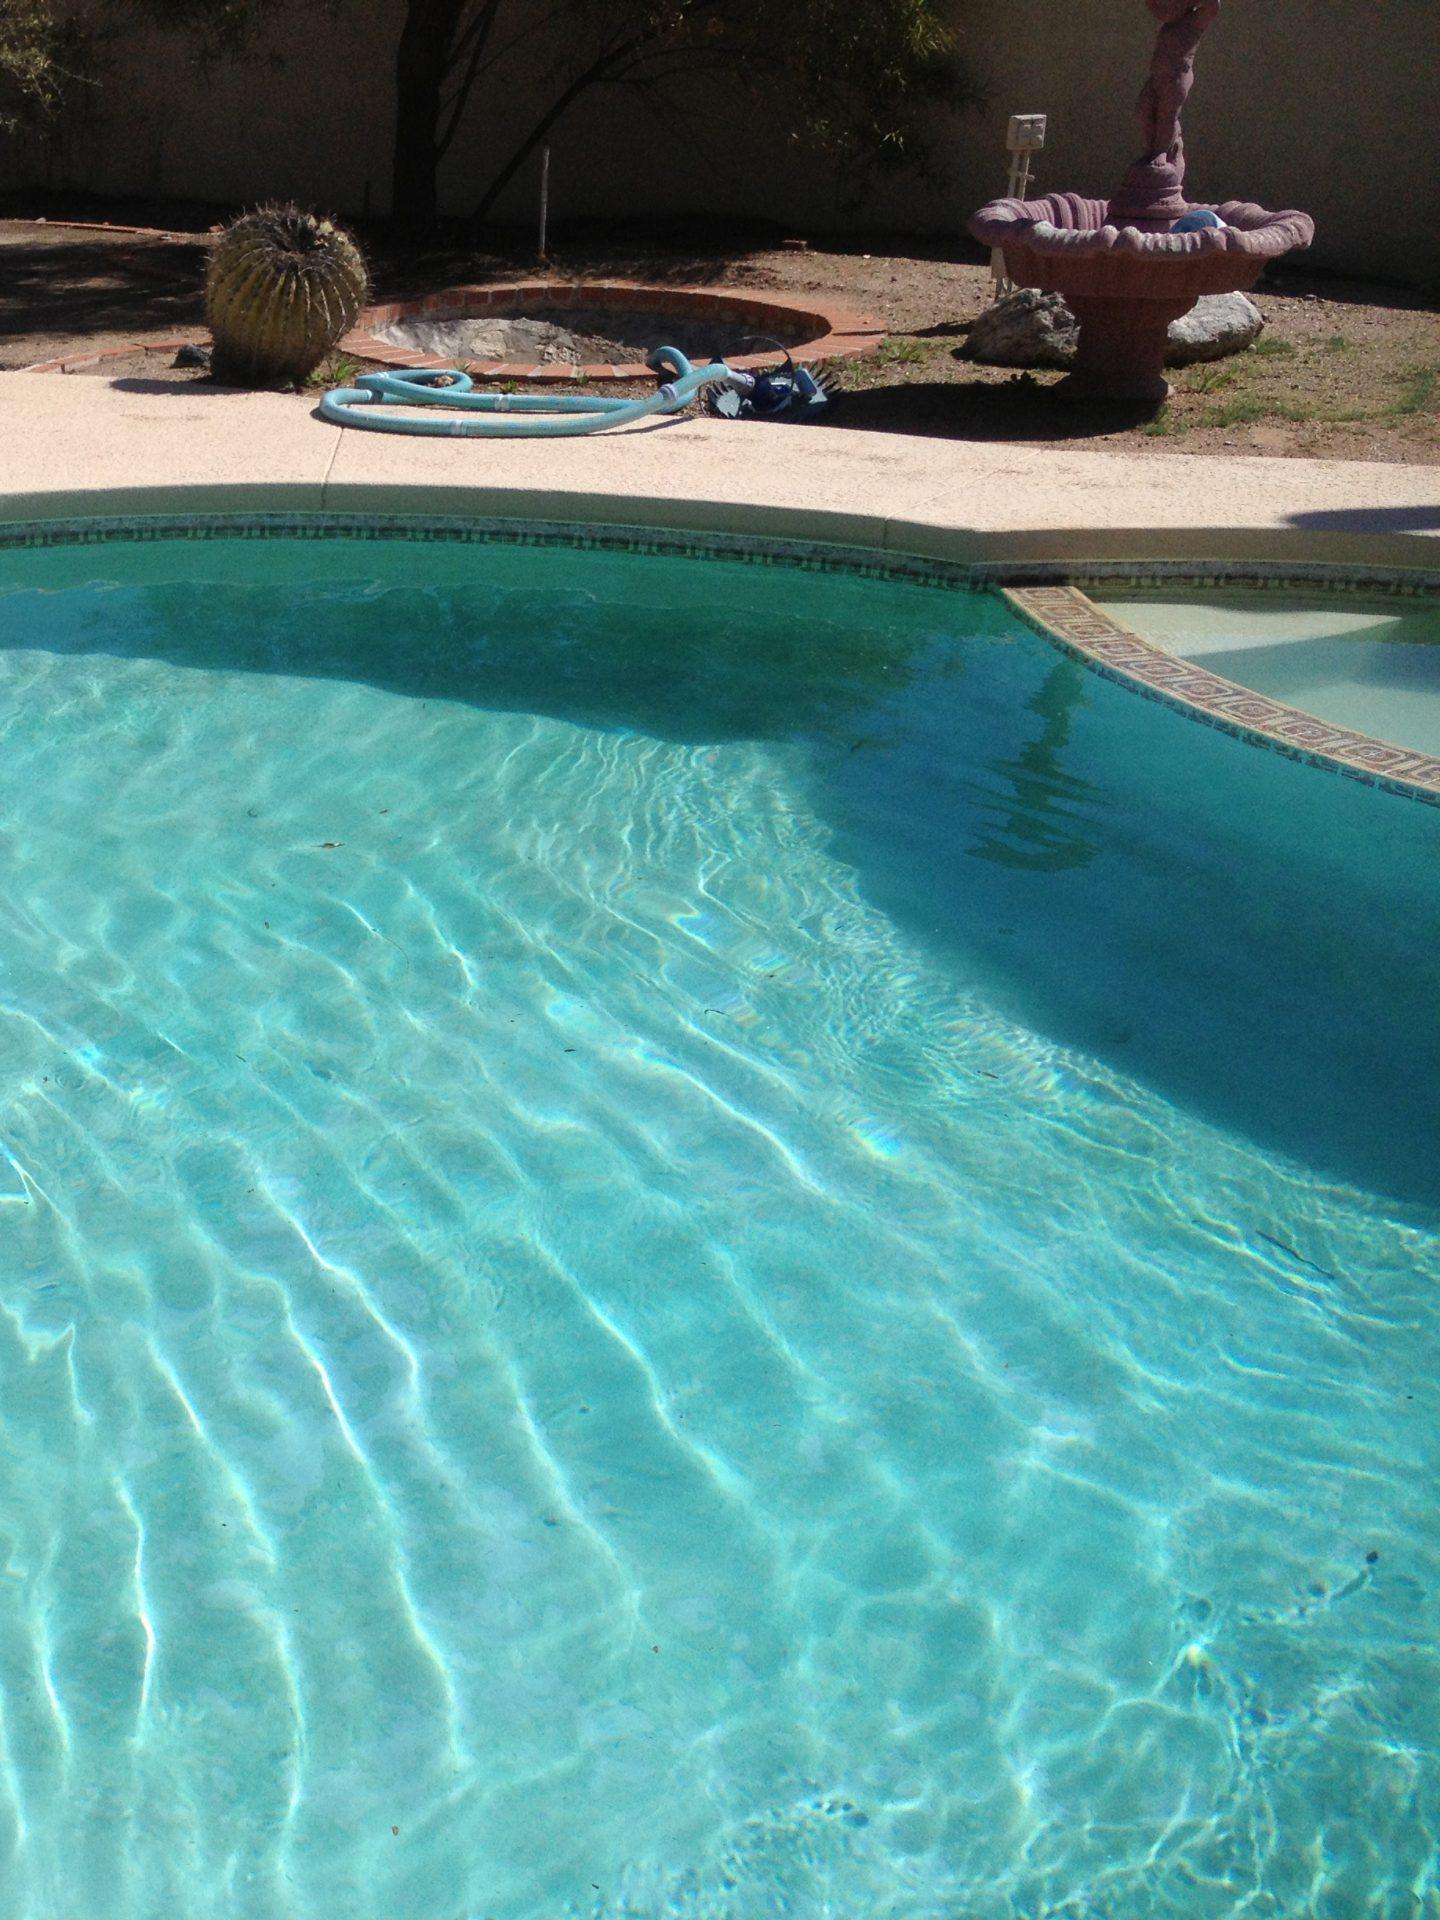 Acid wash pool service Tucson